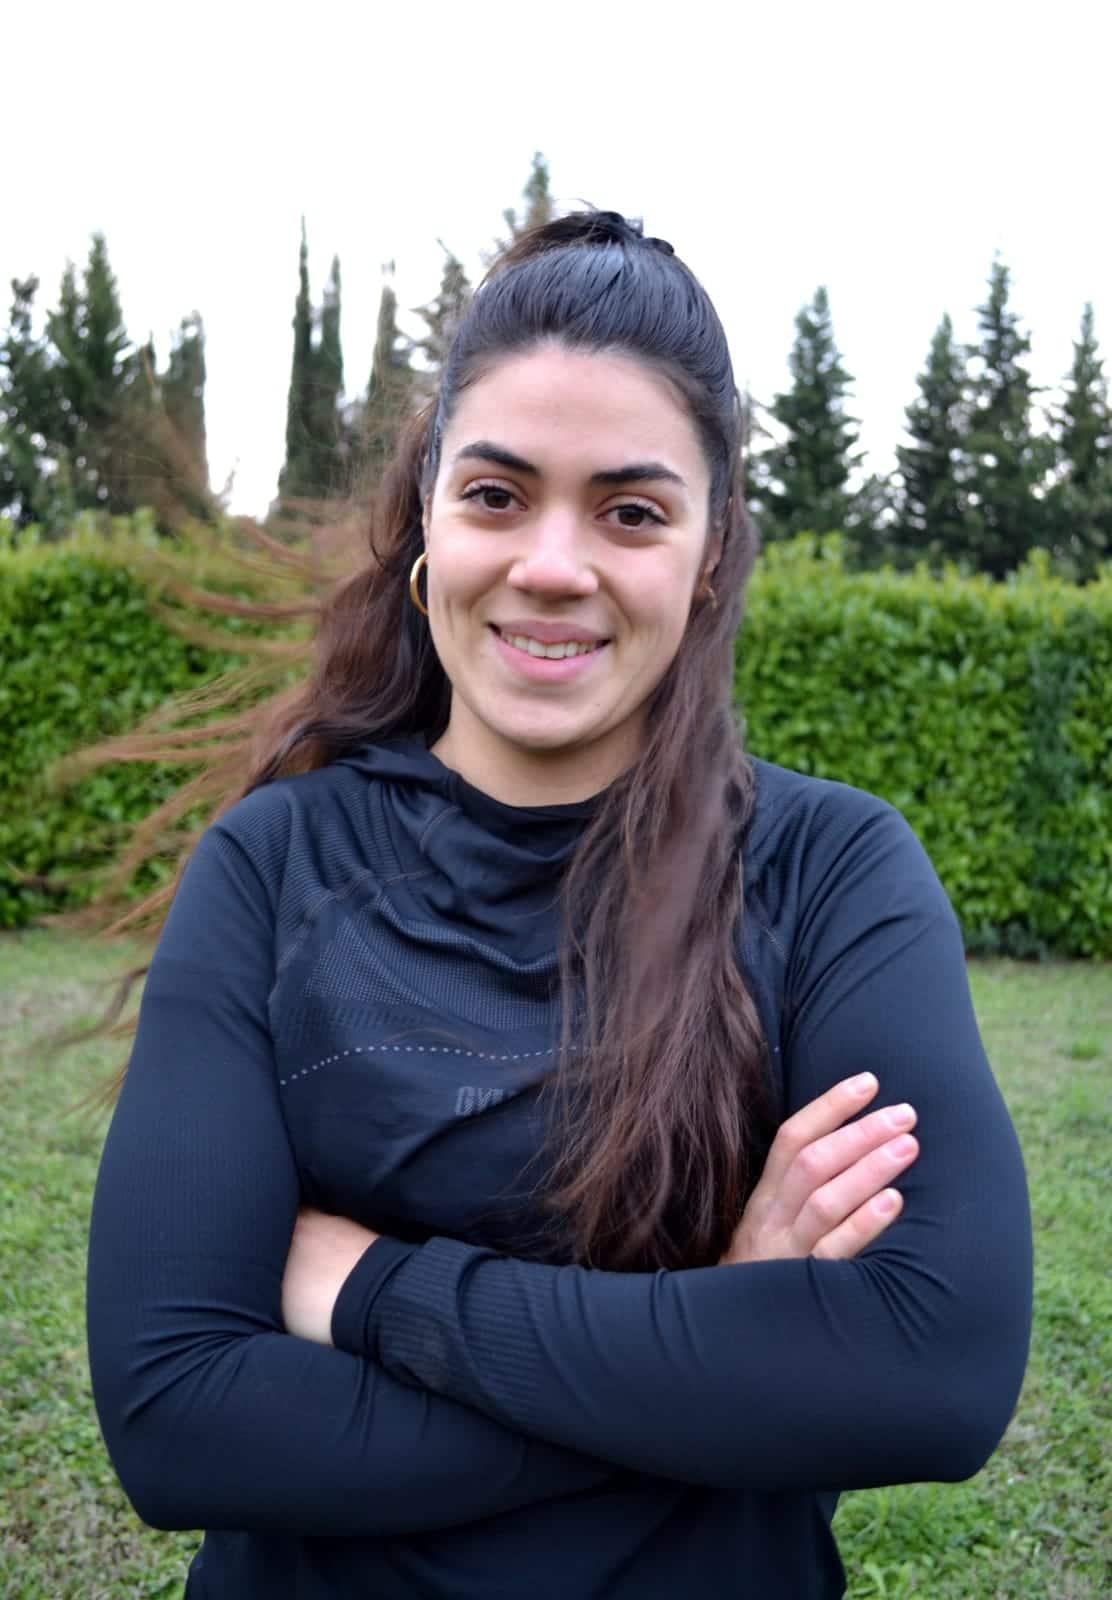 Marika, coach sportive, les bras croisés et souriante, en tenue de sport.